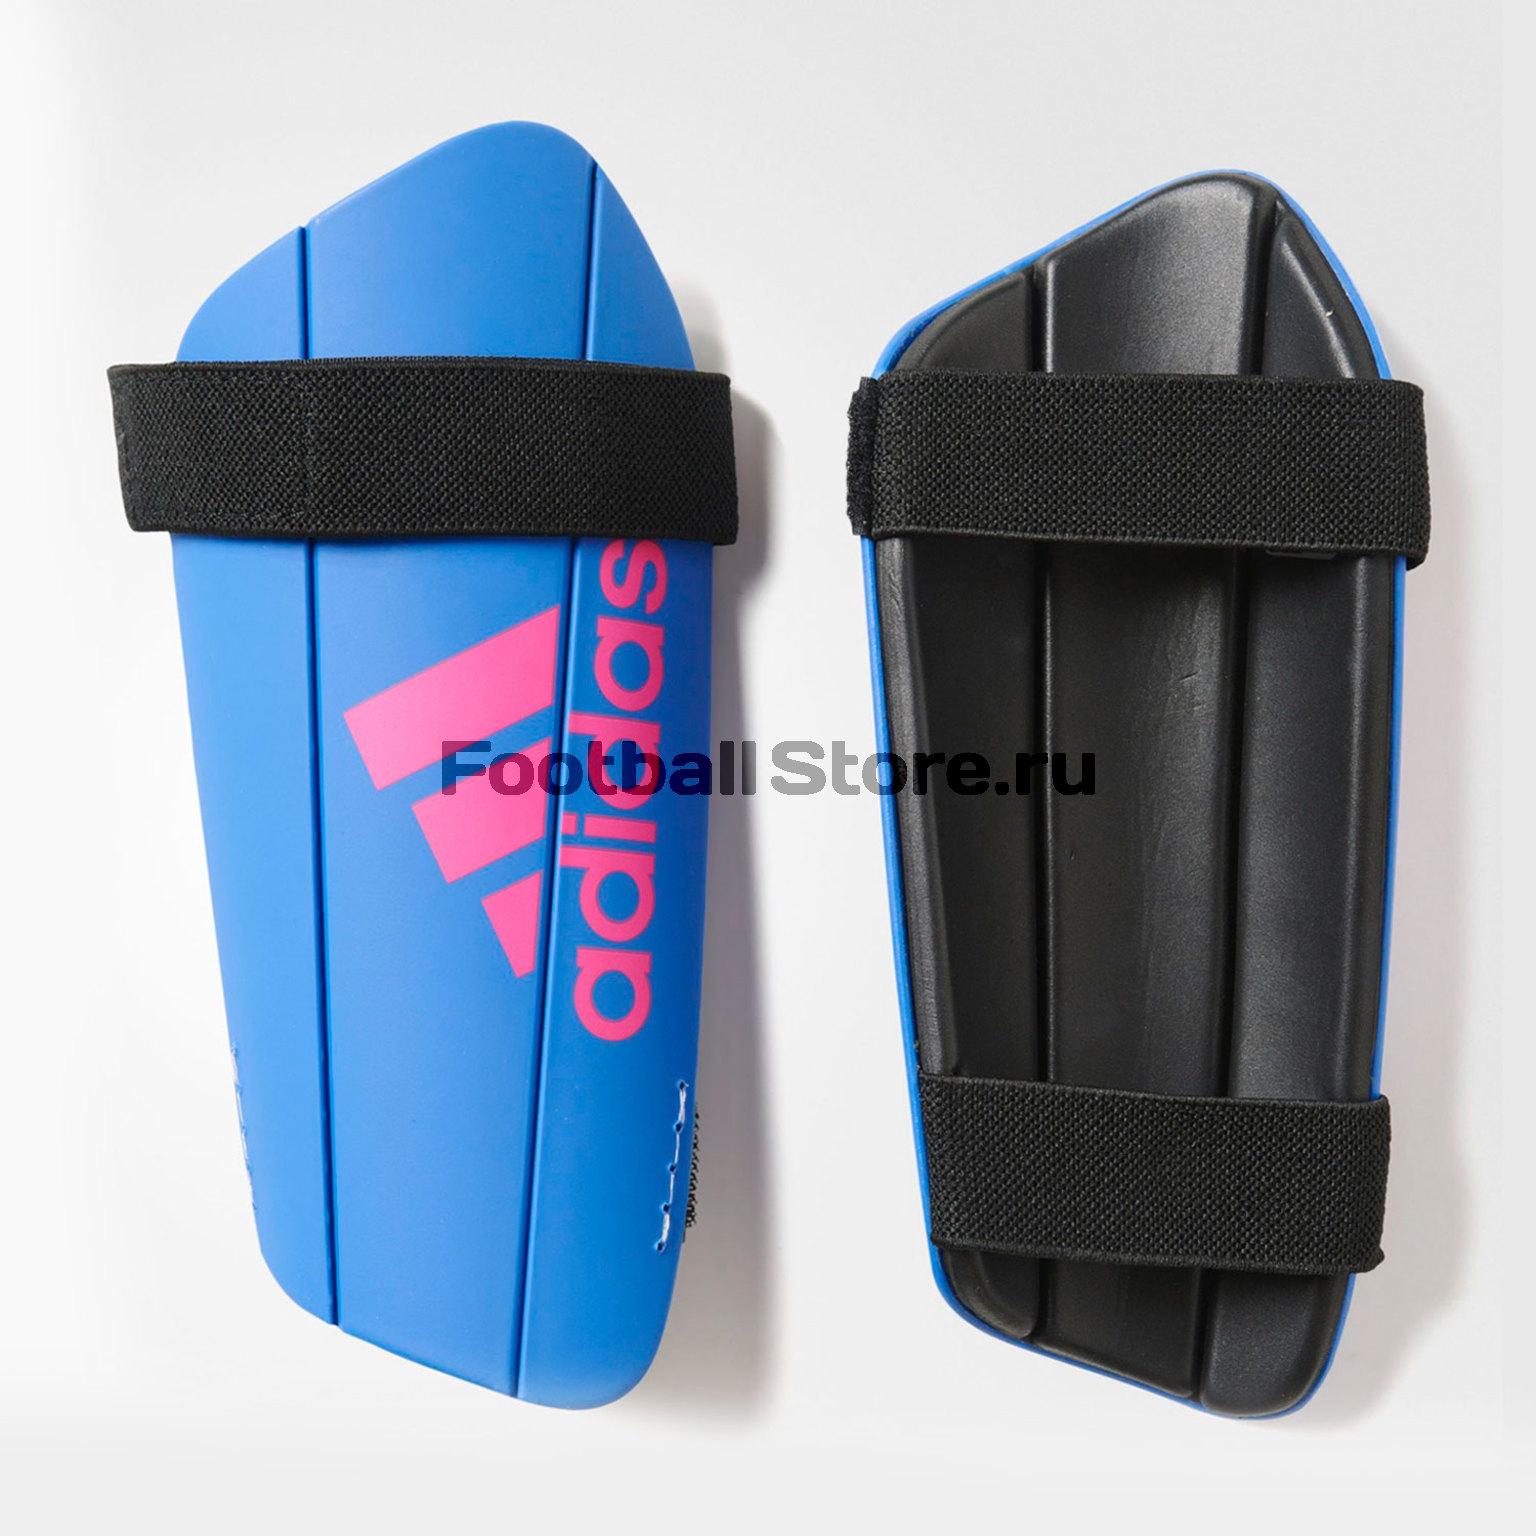 Щитки Adidas Ghost Lite AZ9860 阿迪达斯(adidas)休闲运动 潮流款小肩包 s96349 黑色